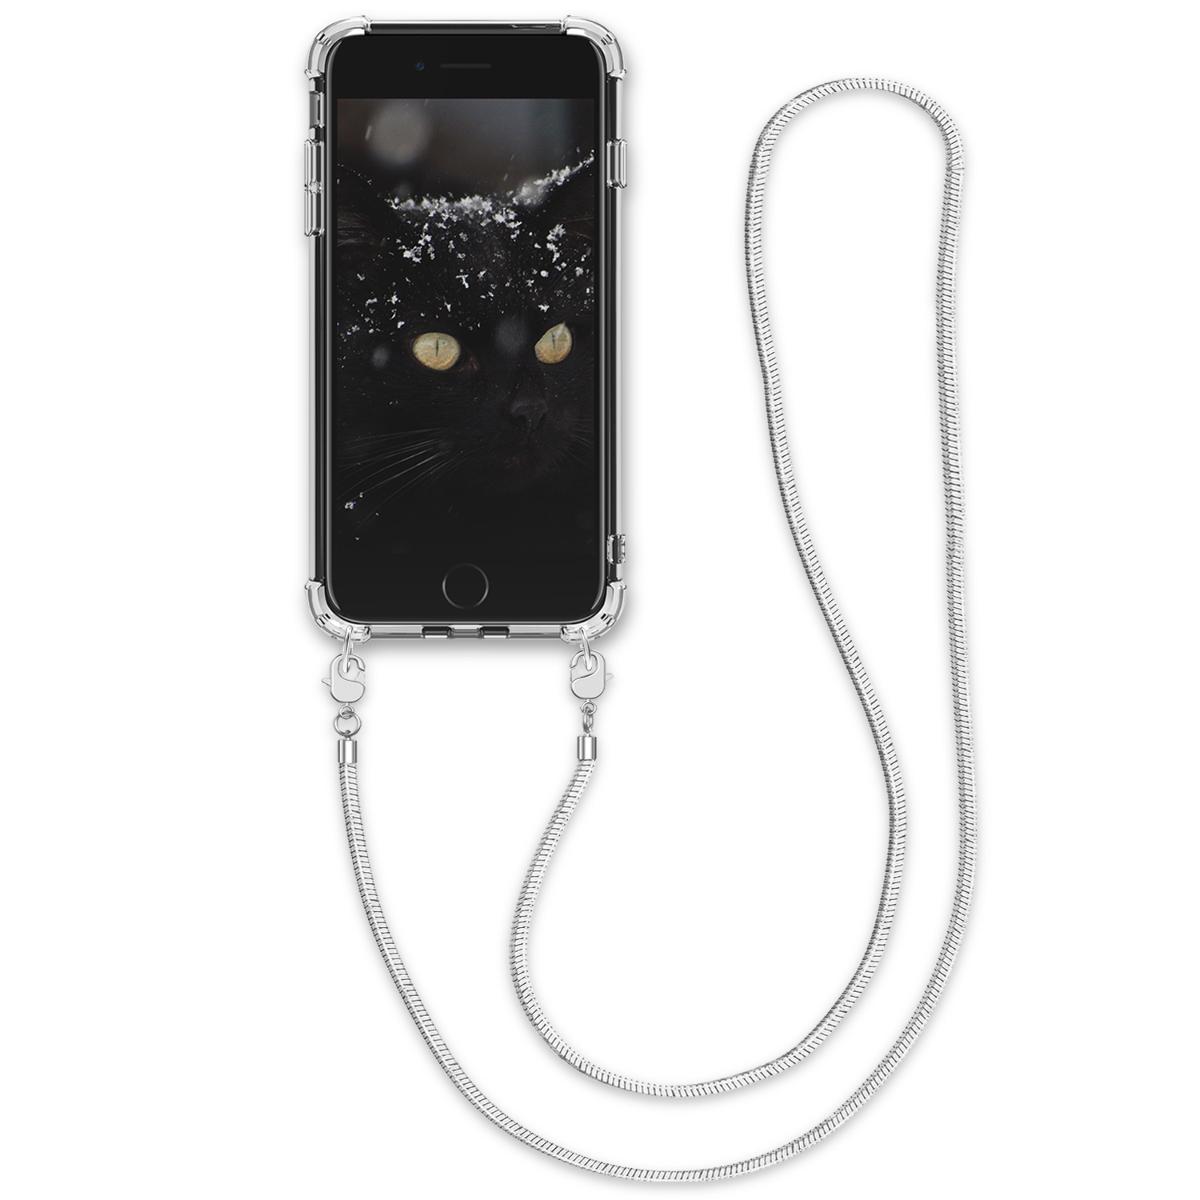 Kvalitní silikonové TPU pouzdro pro Apple iPhone 7 / 8 / SE  - Transparent | Silver